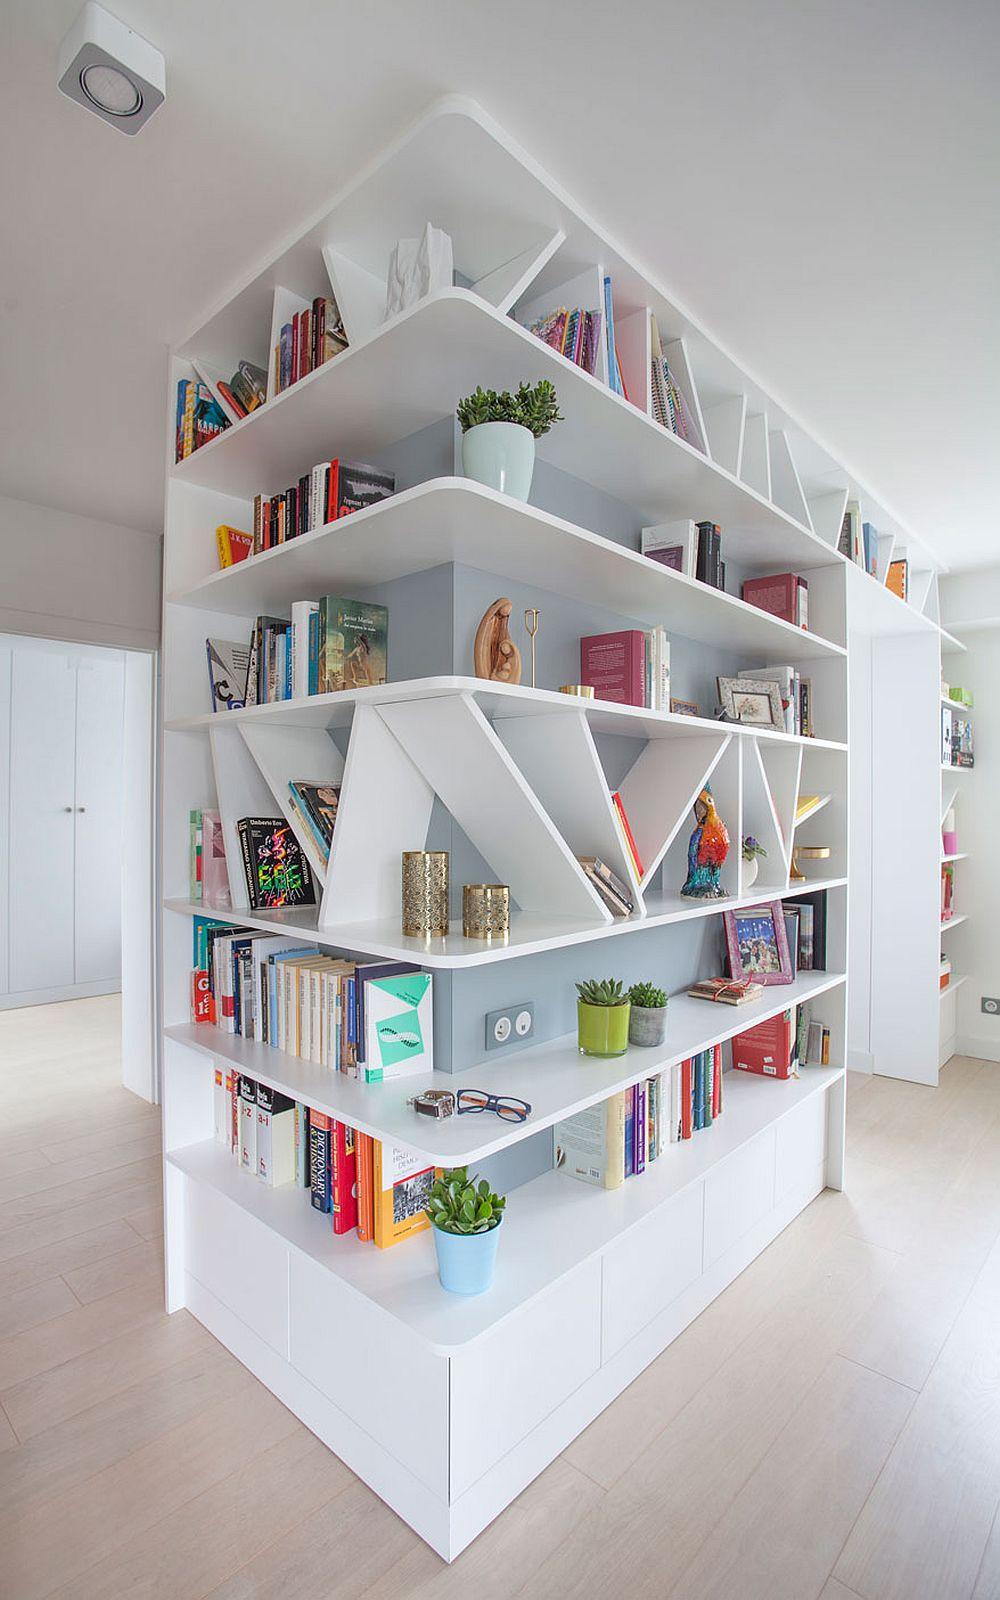 La intrarea în locuință ceea ce atrage prima dată atenția este biblioteca configurată pe colț, care ajunge din spațiul holului în cel al sufrageriei. Ușa bucătăriei a fost zidită, iar din hol se mai citesc doar două uși interioare - cea a băii și a dormitorului matrimonial.